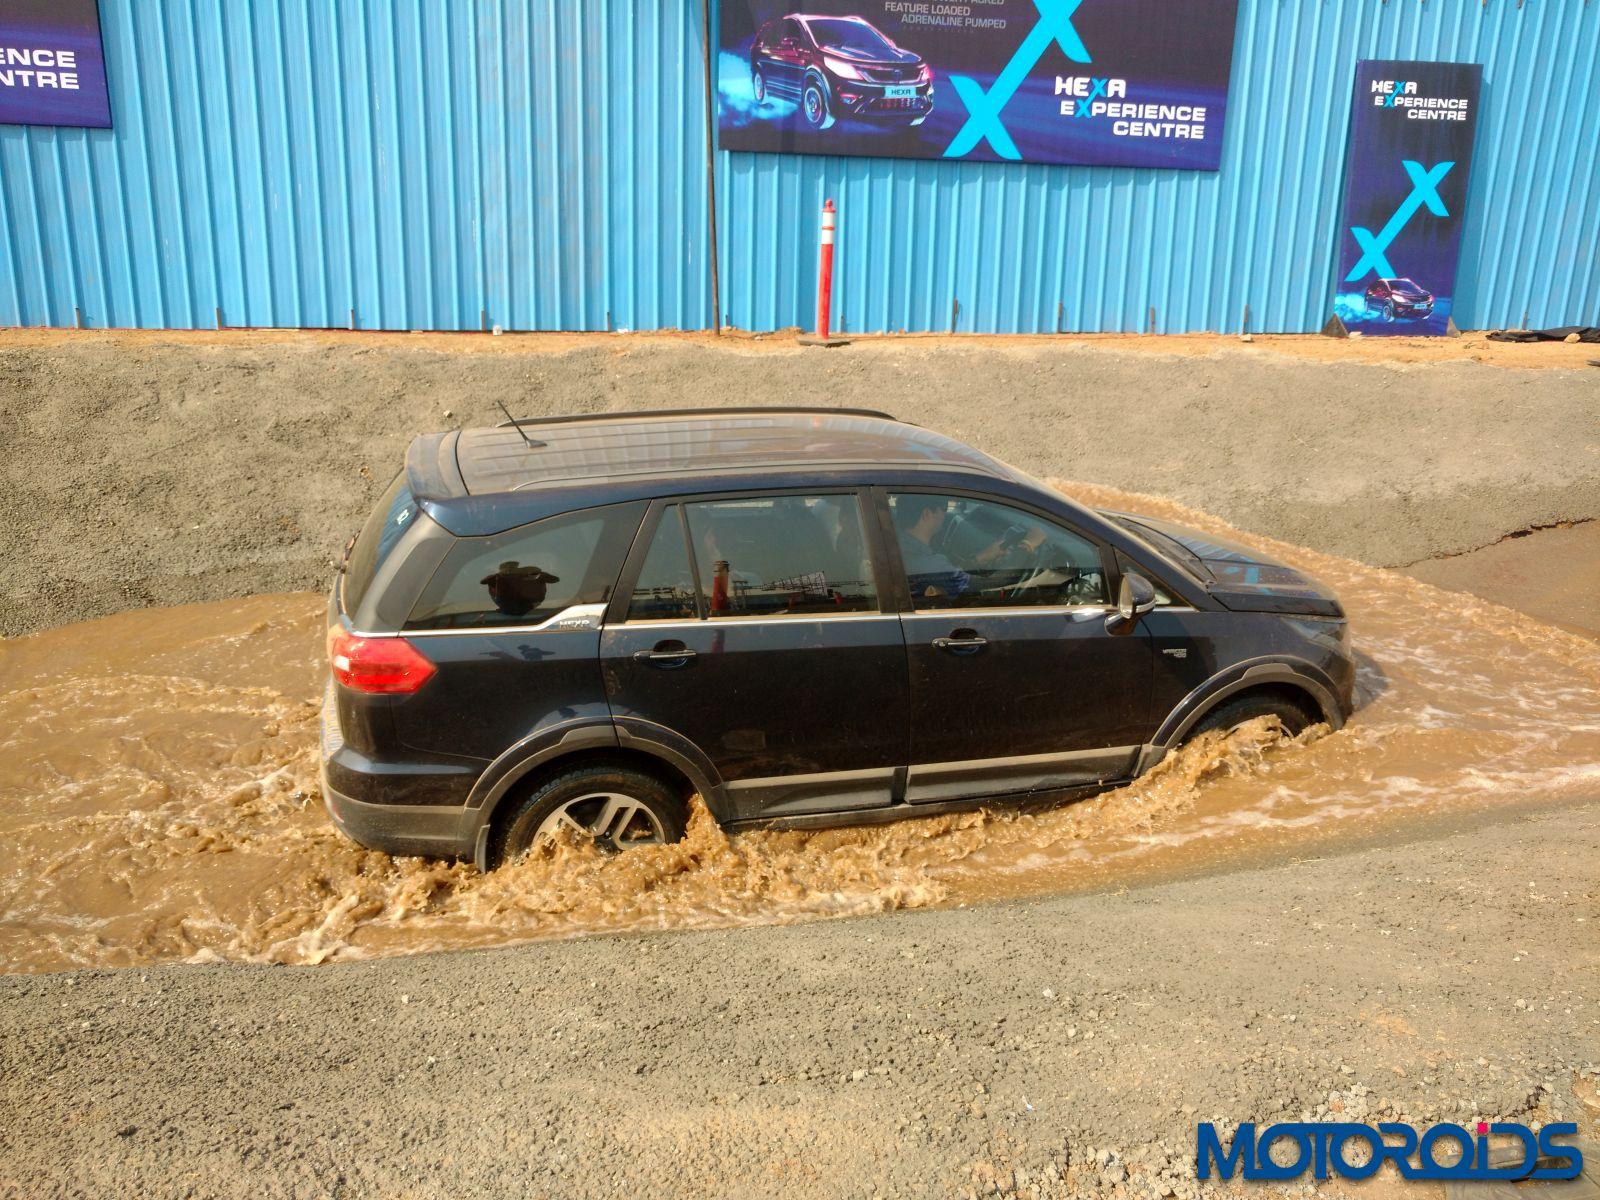 Tata-Hexa-off-road-experience-27